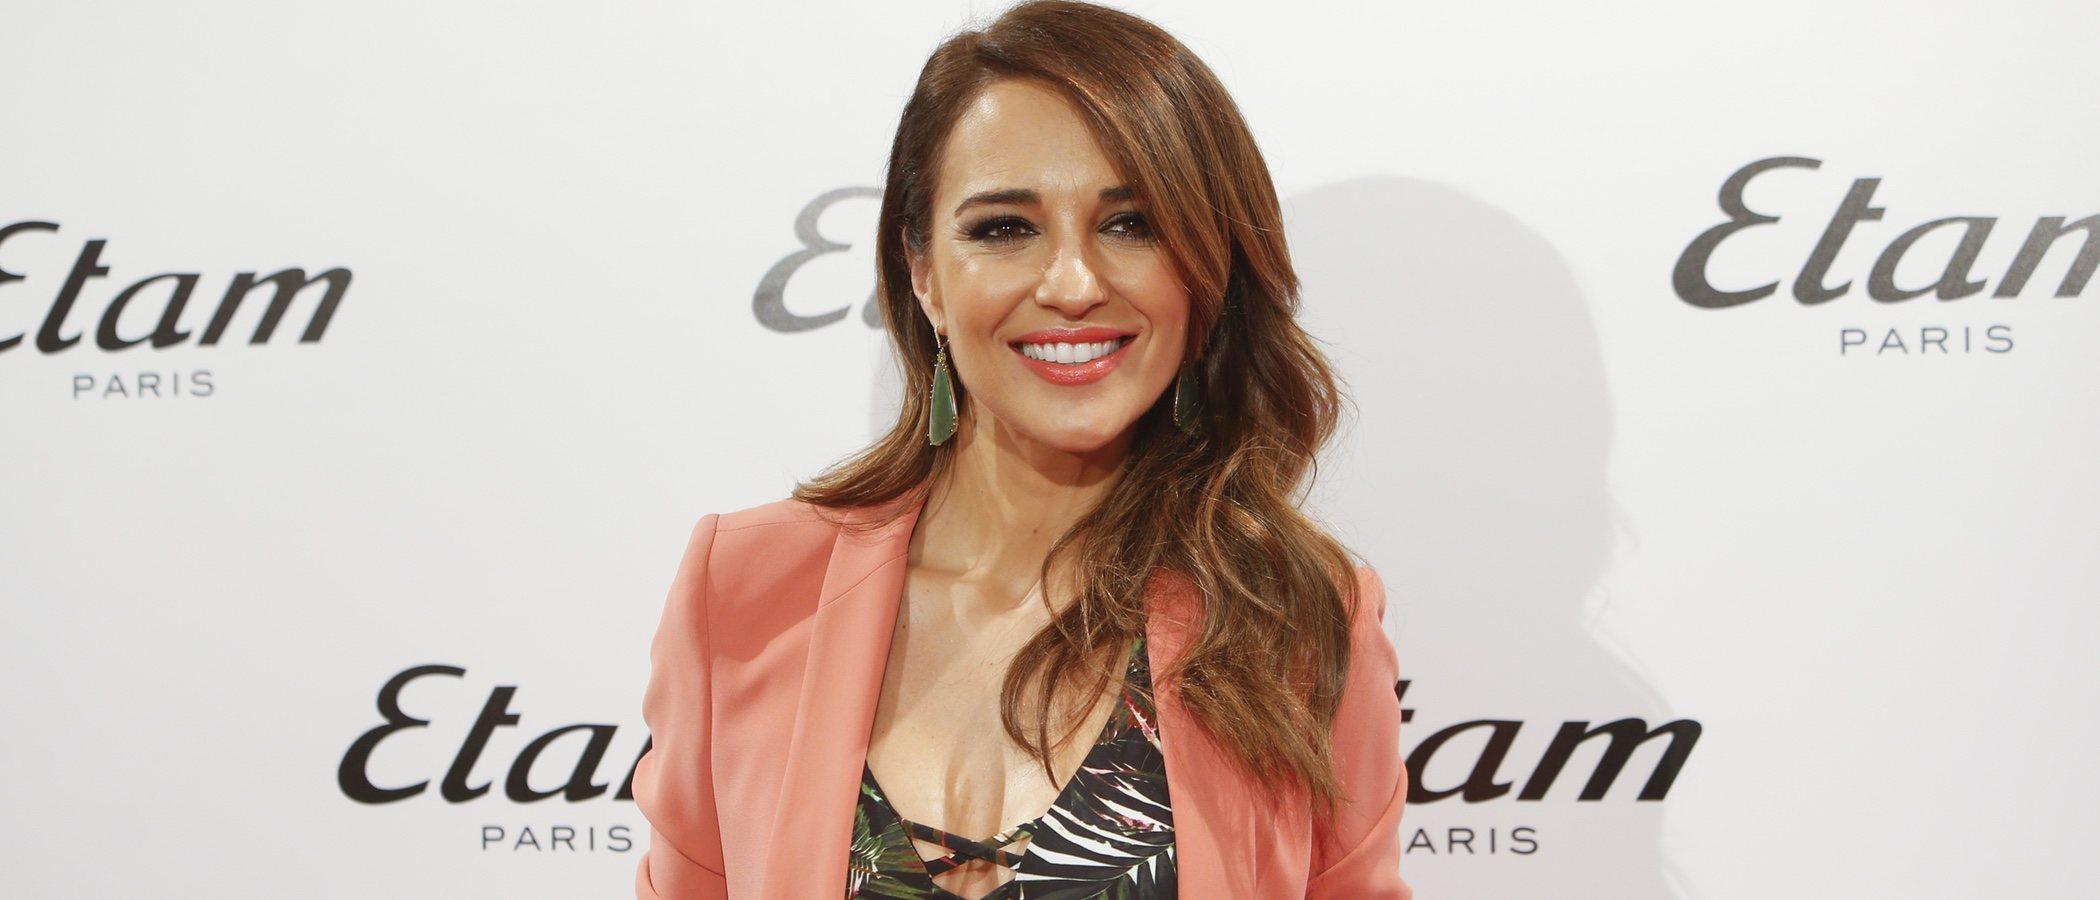 Etam ficha a Paula Echevarría como su nueva embajadora